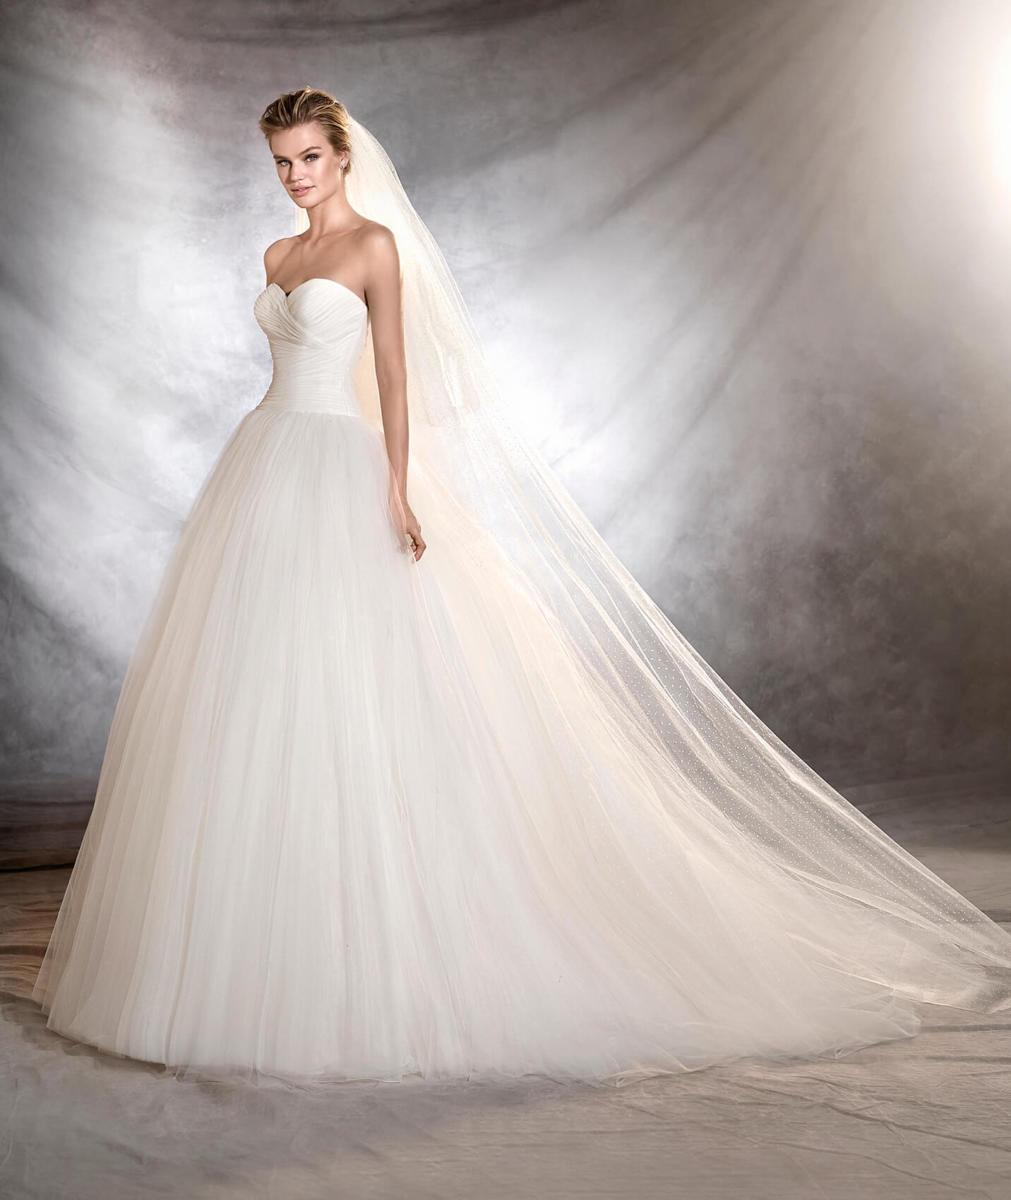 0f351b3a18be Abiti da sposa 2017  le proposte Pronovias  FOTO